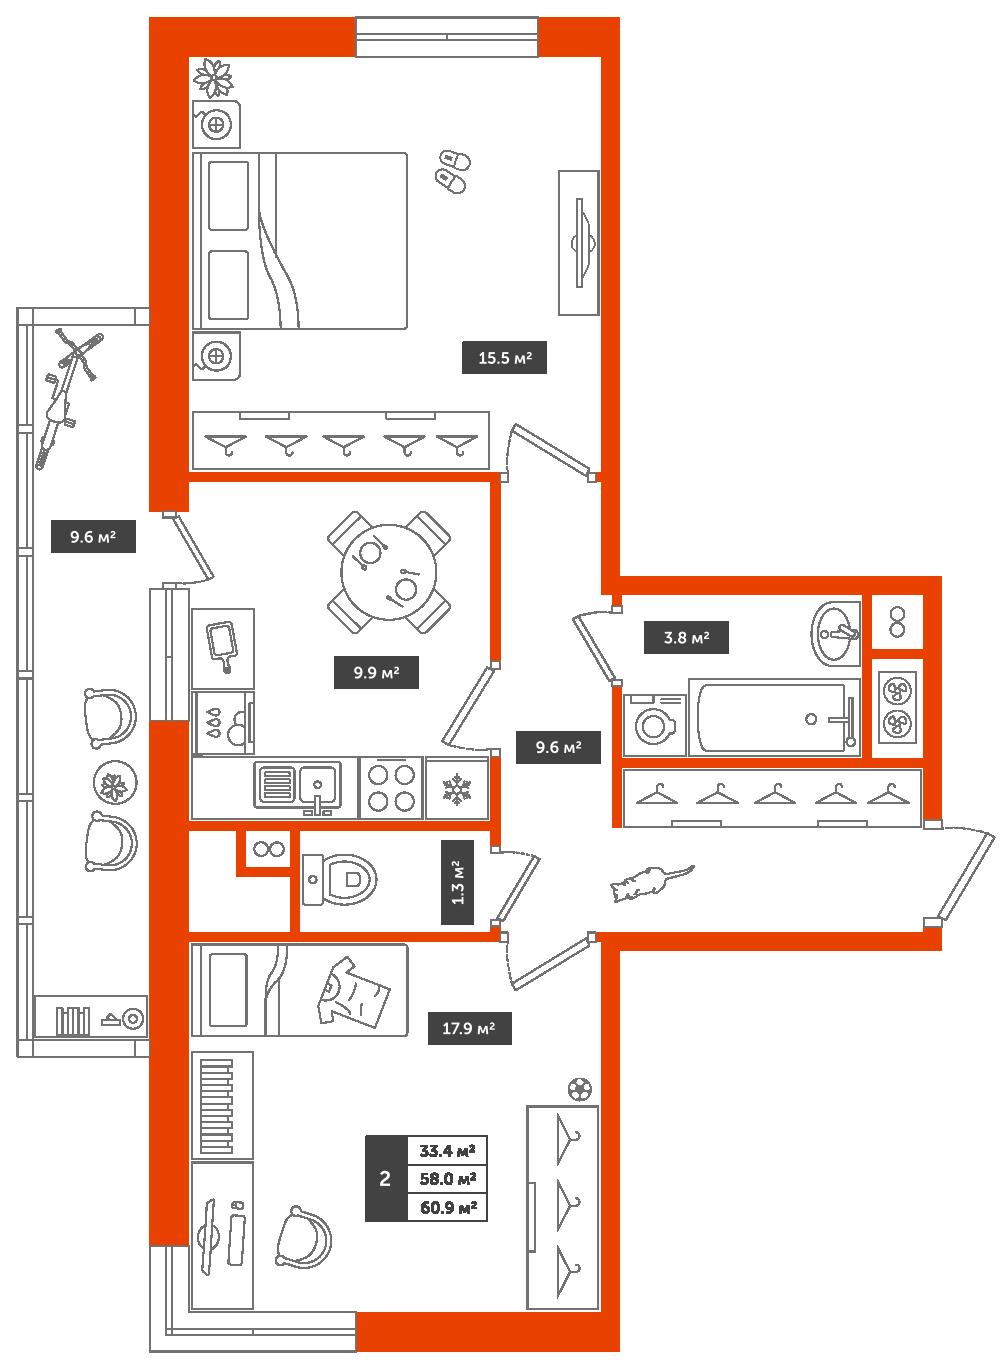 2-комнатная квартира, 60.9м² за 6,6 млн руб.